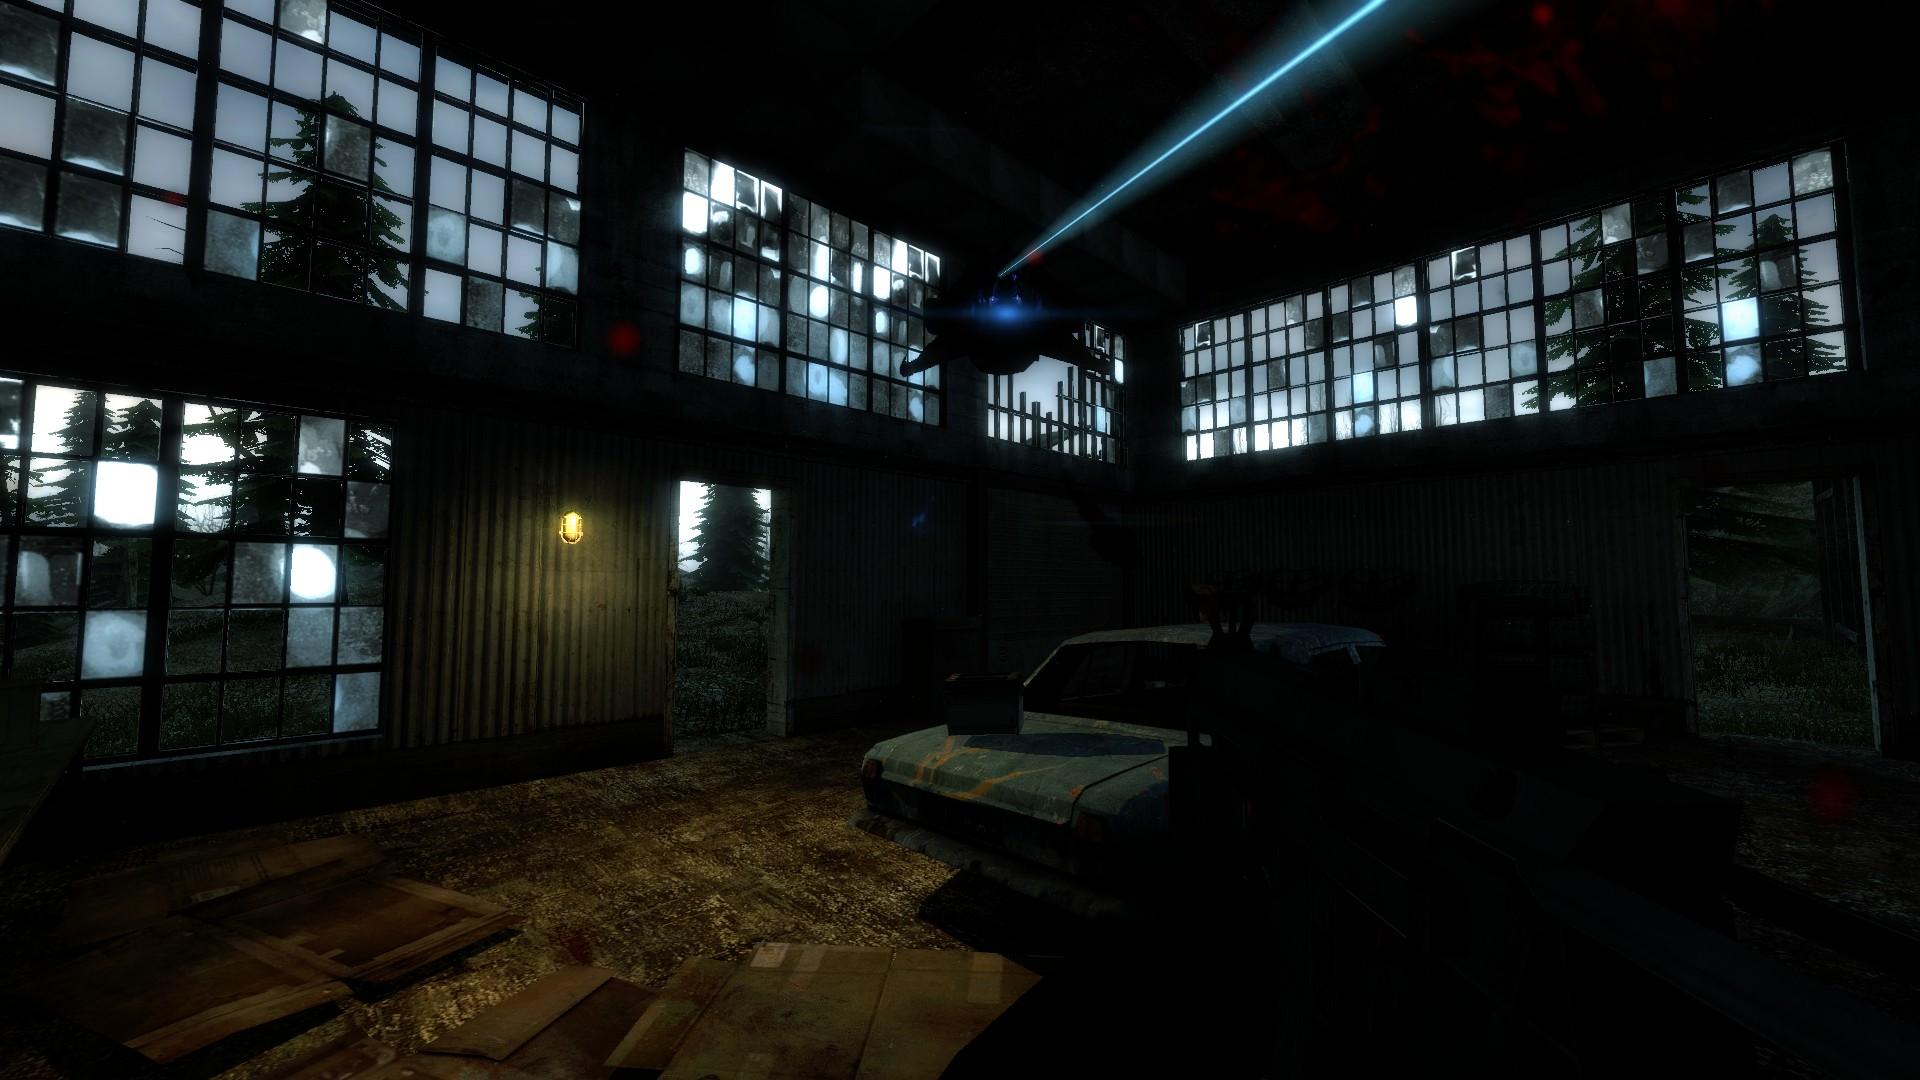 Вышла демка фанатской Half Life: Opposing Force 2. Опубликованы системные требования и скриншоты